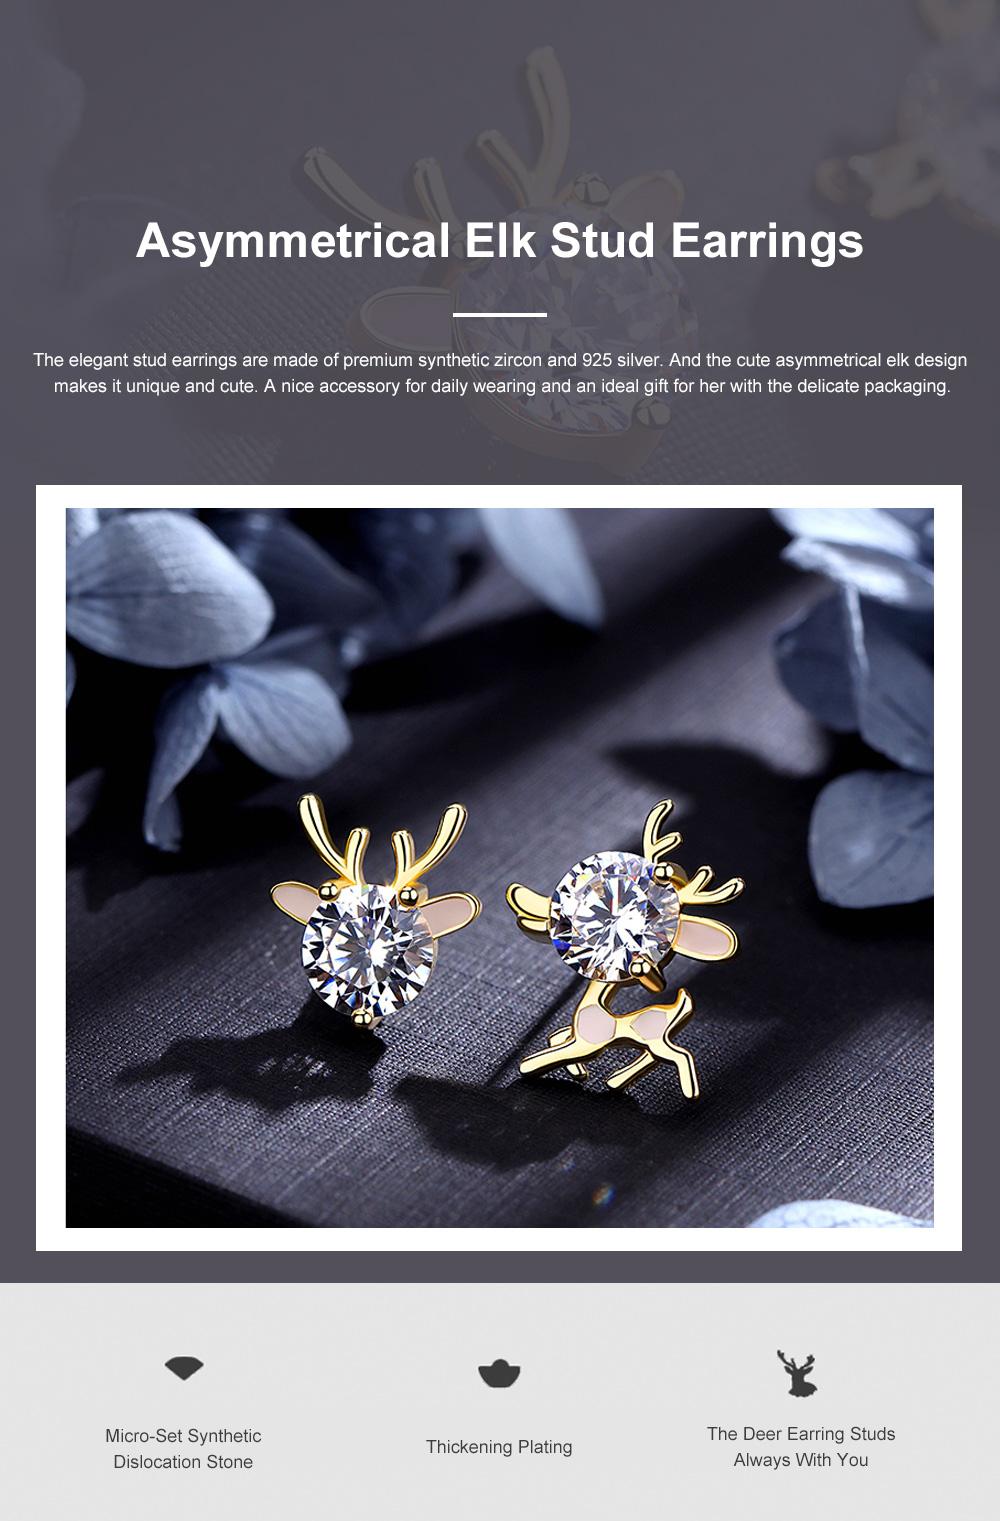 Cute Reindeer Earrings Studs for Women Asymmetrical Elk Stud Earrings Delicate 925 Silver Jewelry Earring Girls Gift 0